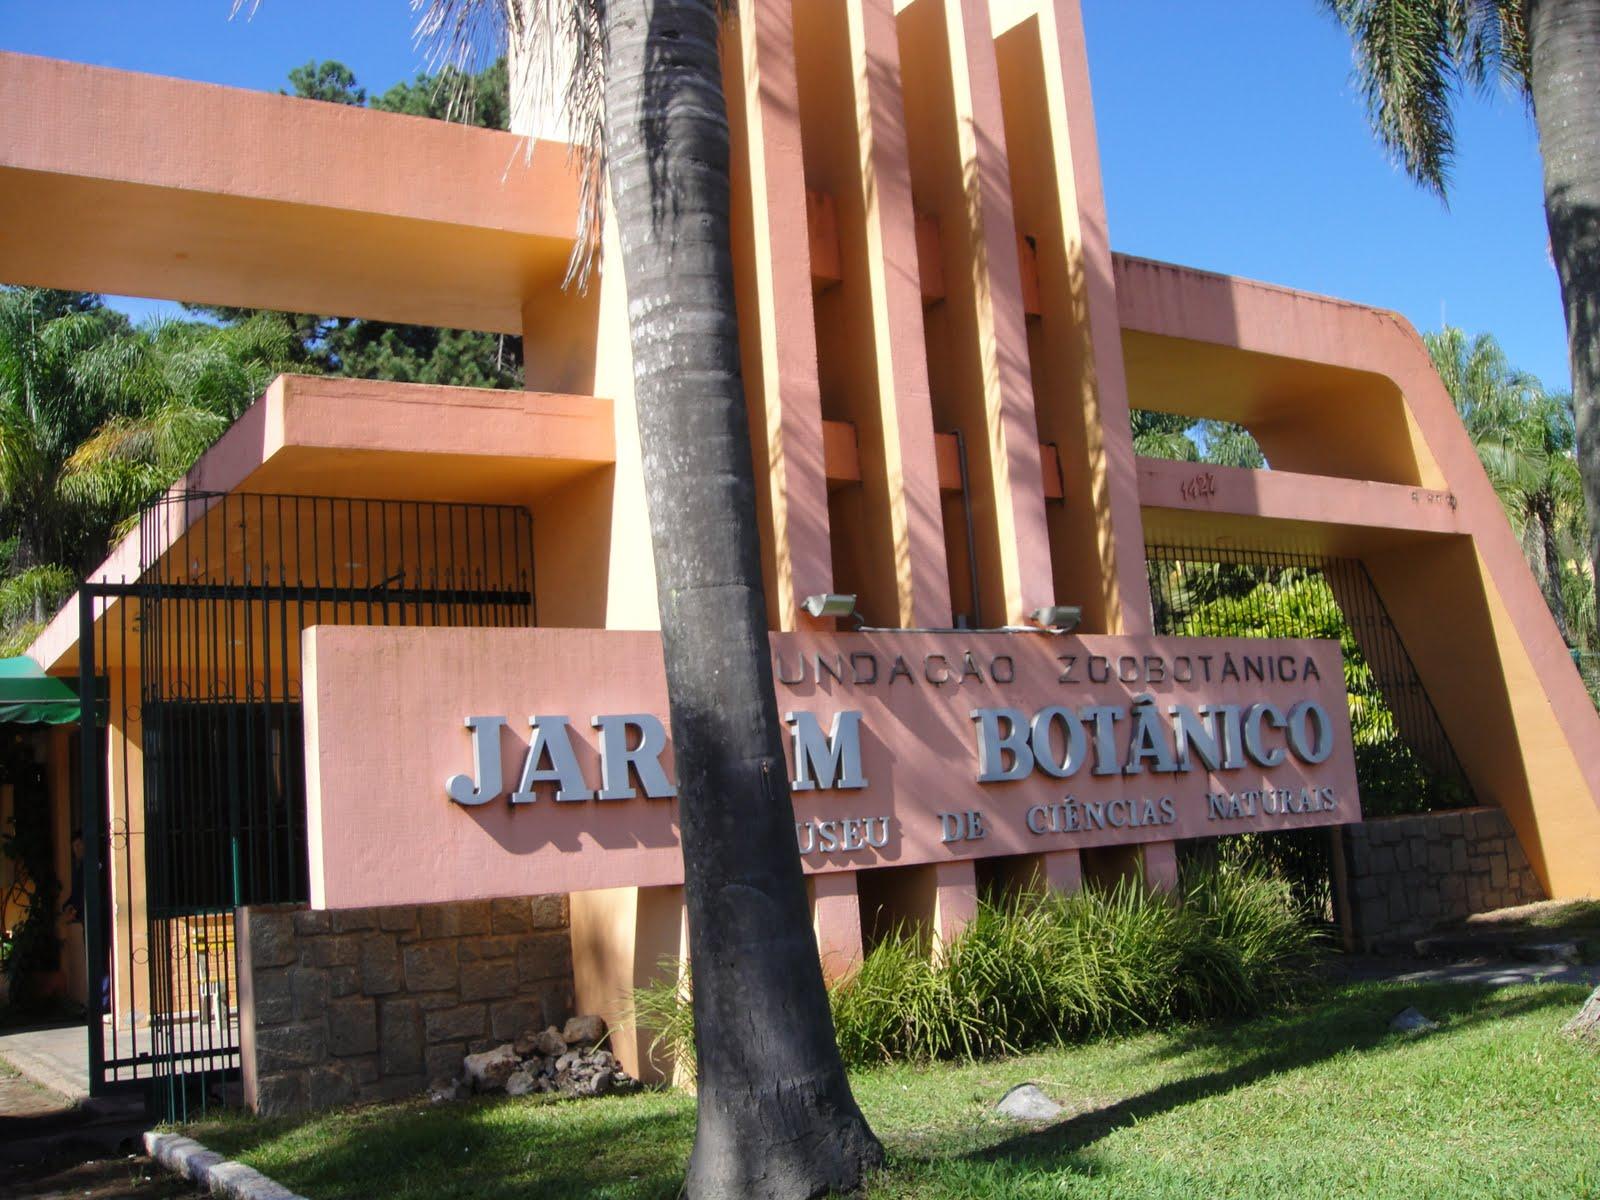 fotos jardim botanico porto alegre : fotos jardim botanico porto alegre:CAFÉ VIAGEM: Jardim Botânico em Porto Alegre – o melhor lugar para